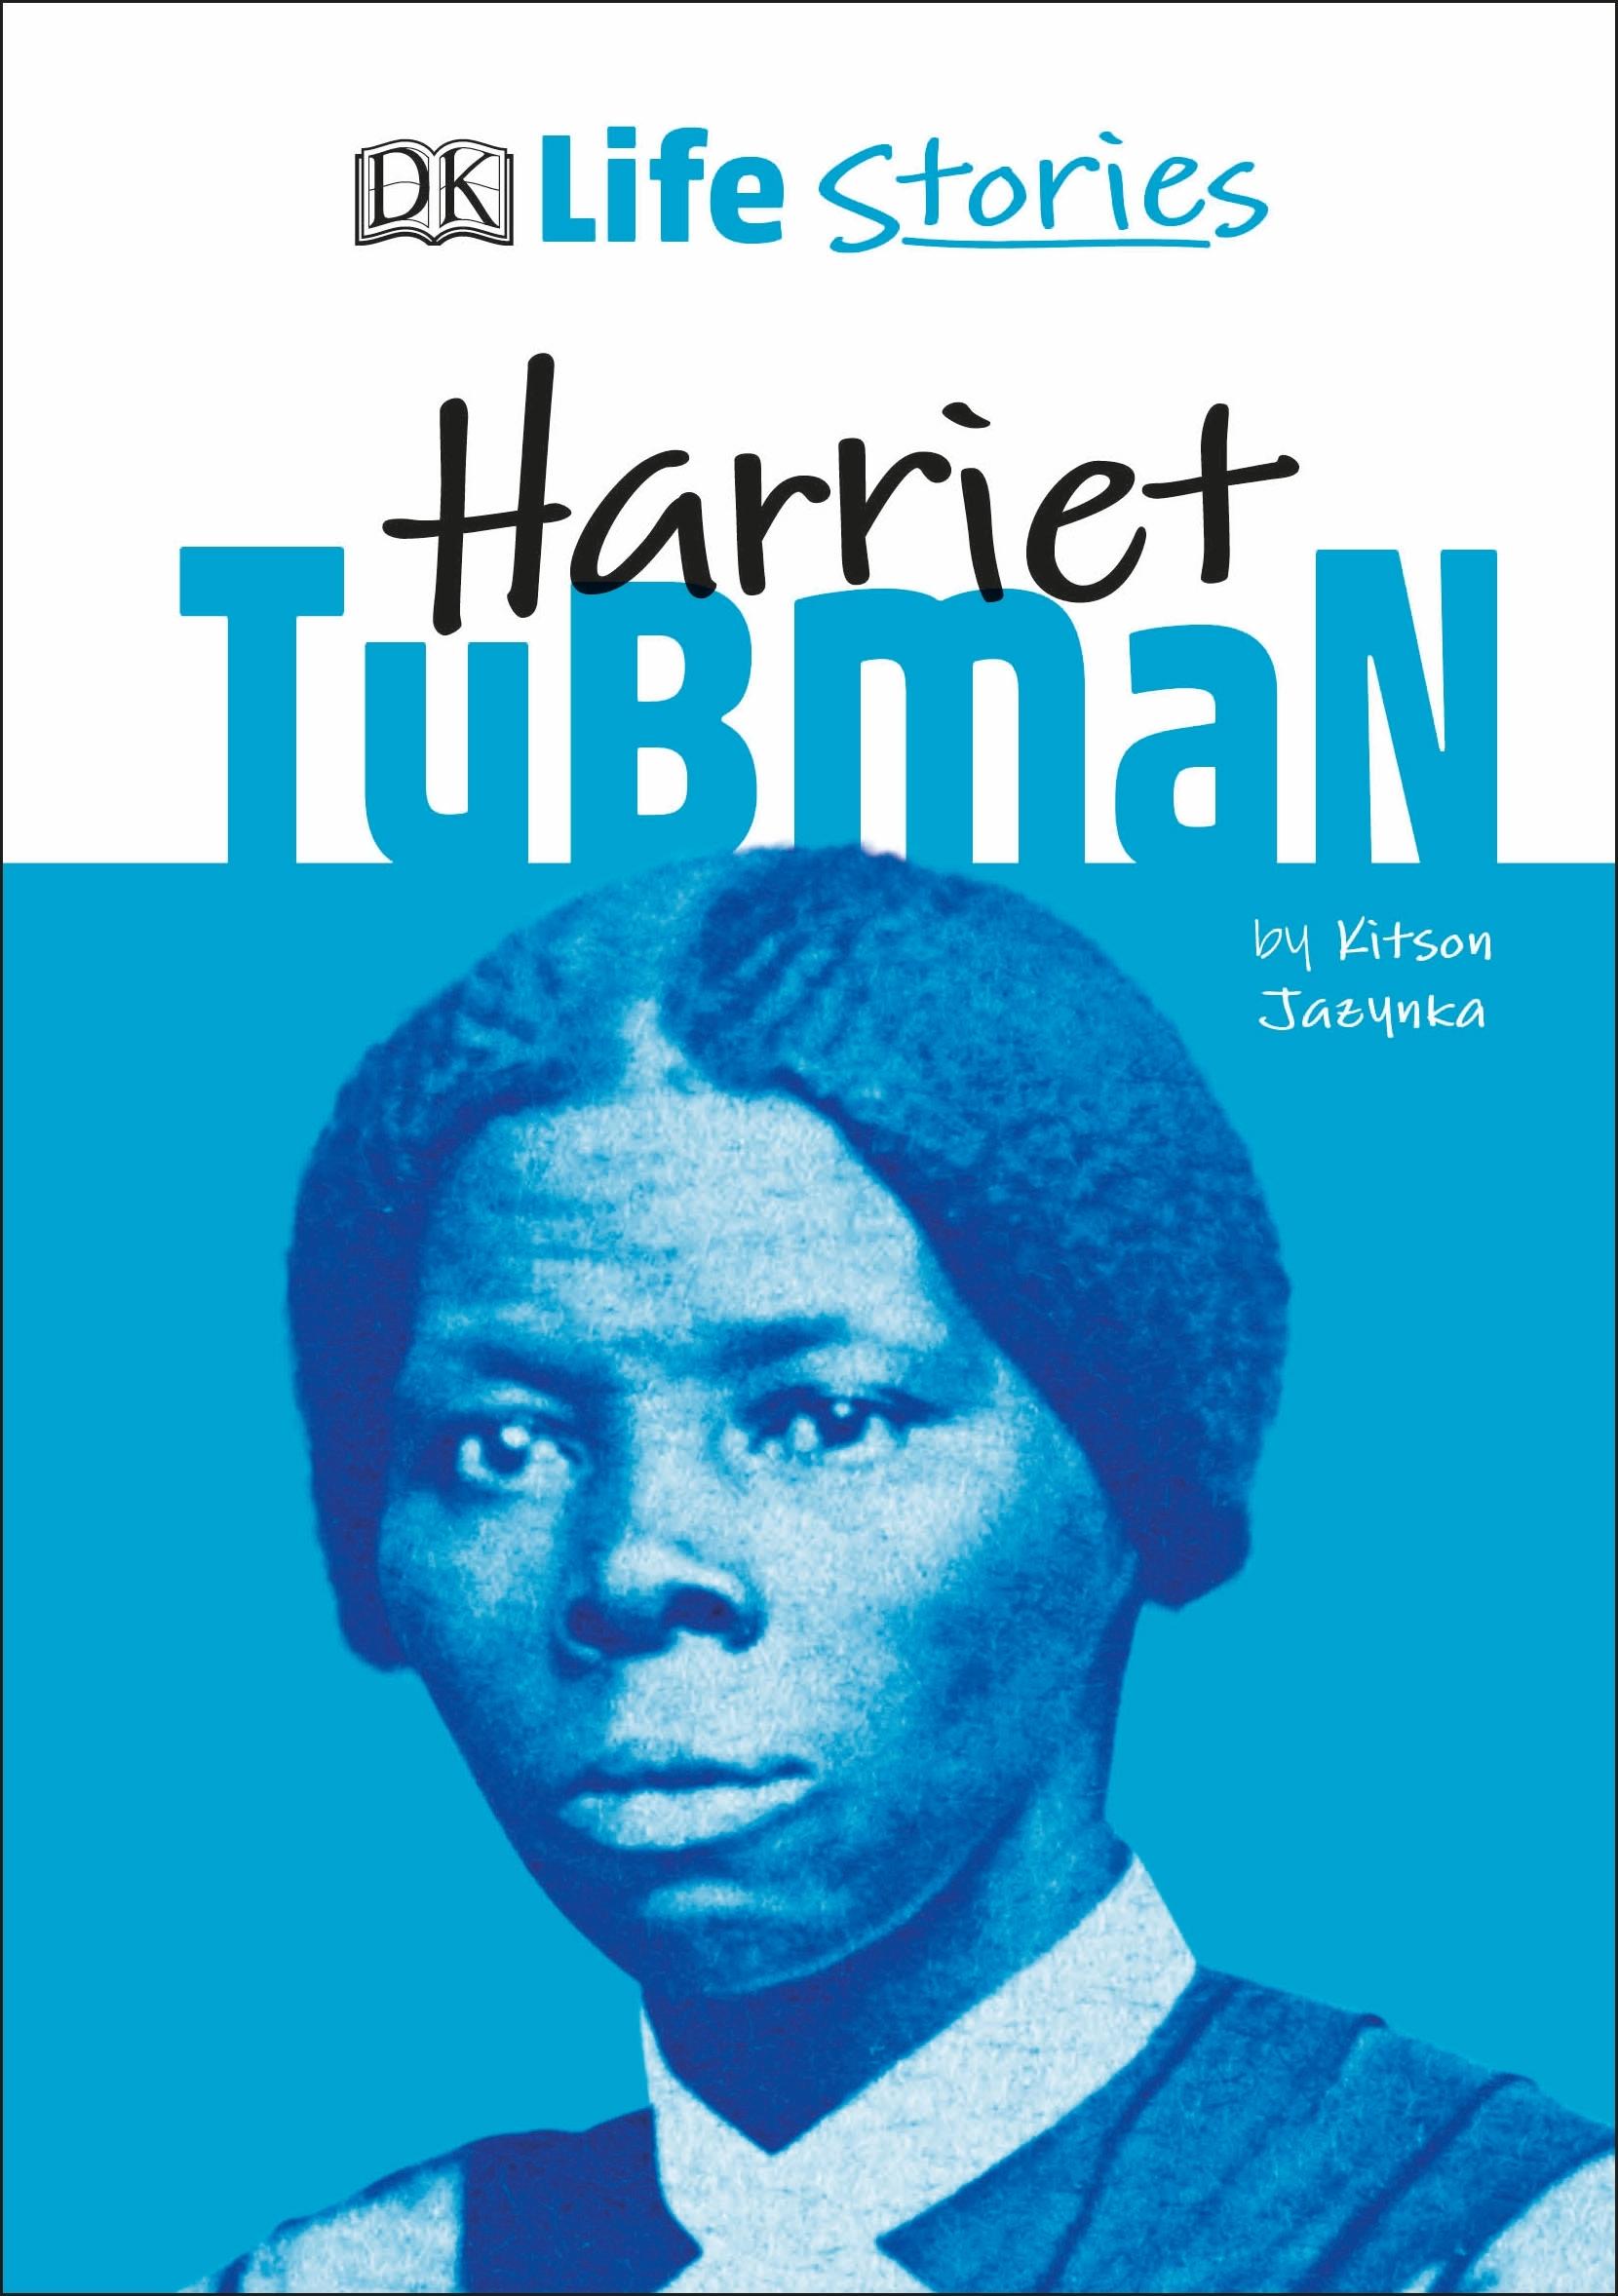 DK Life Stories Harriet Tubman